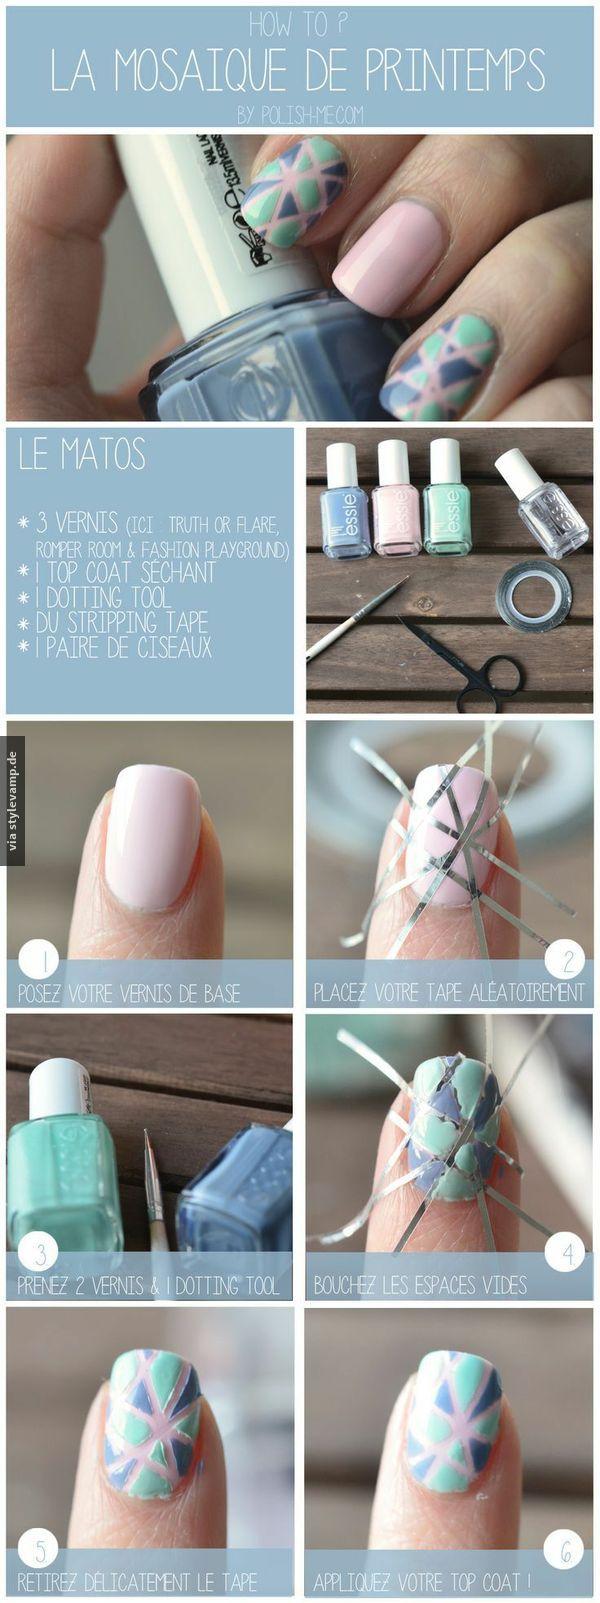 112 best fußnägel images on Pinterest | Nail decorations, Nail ...